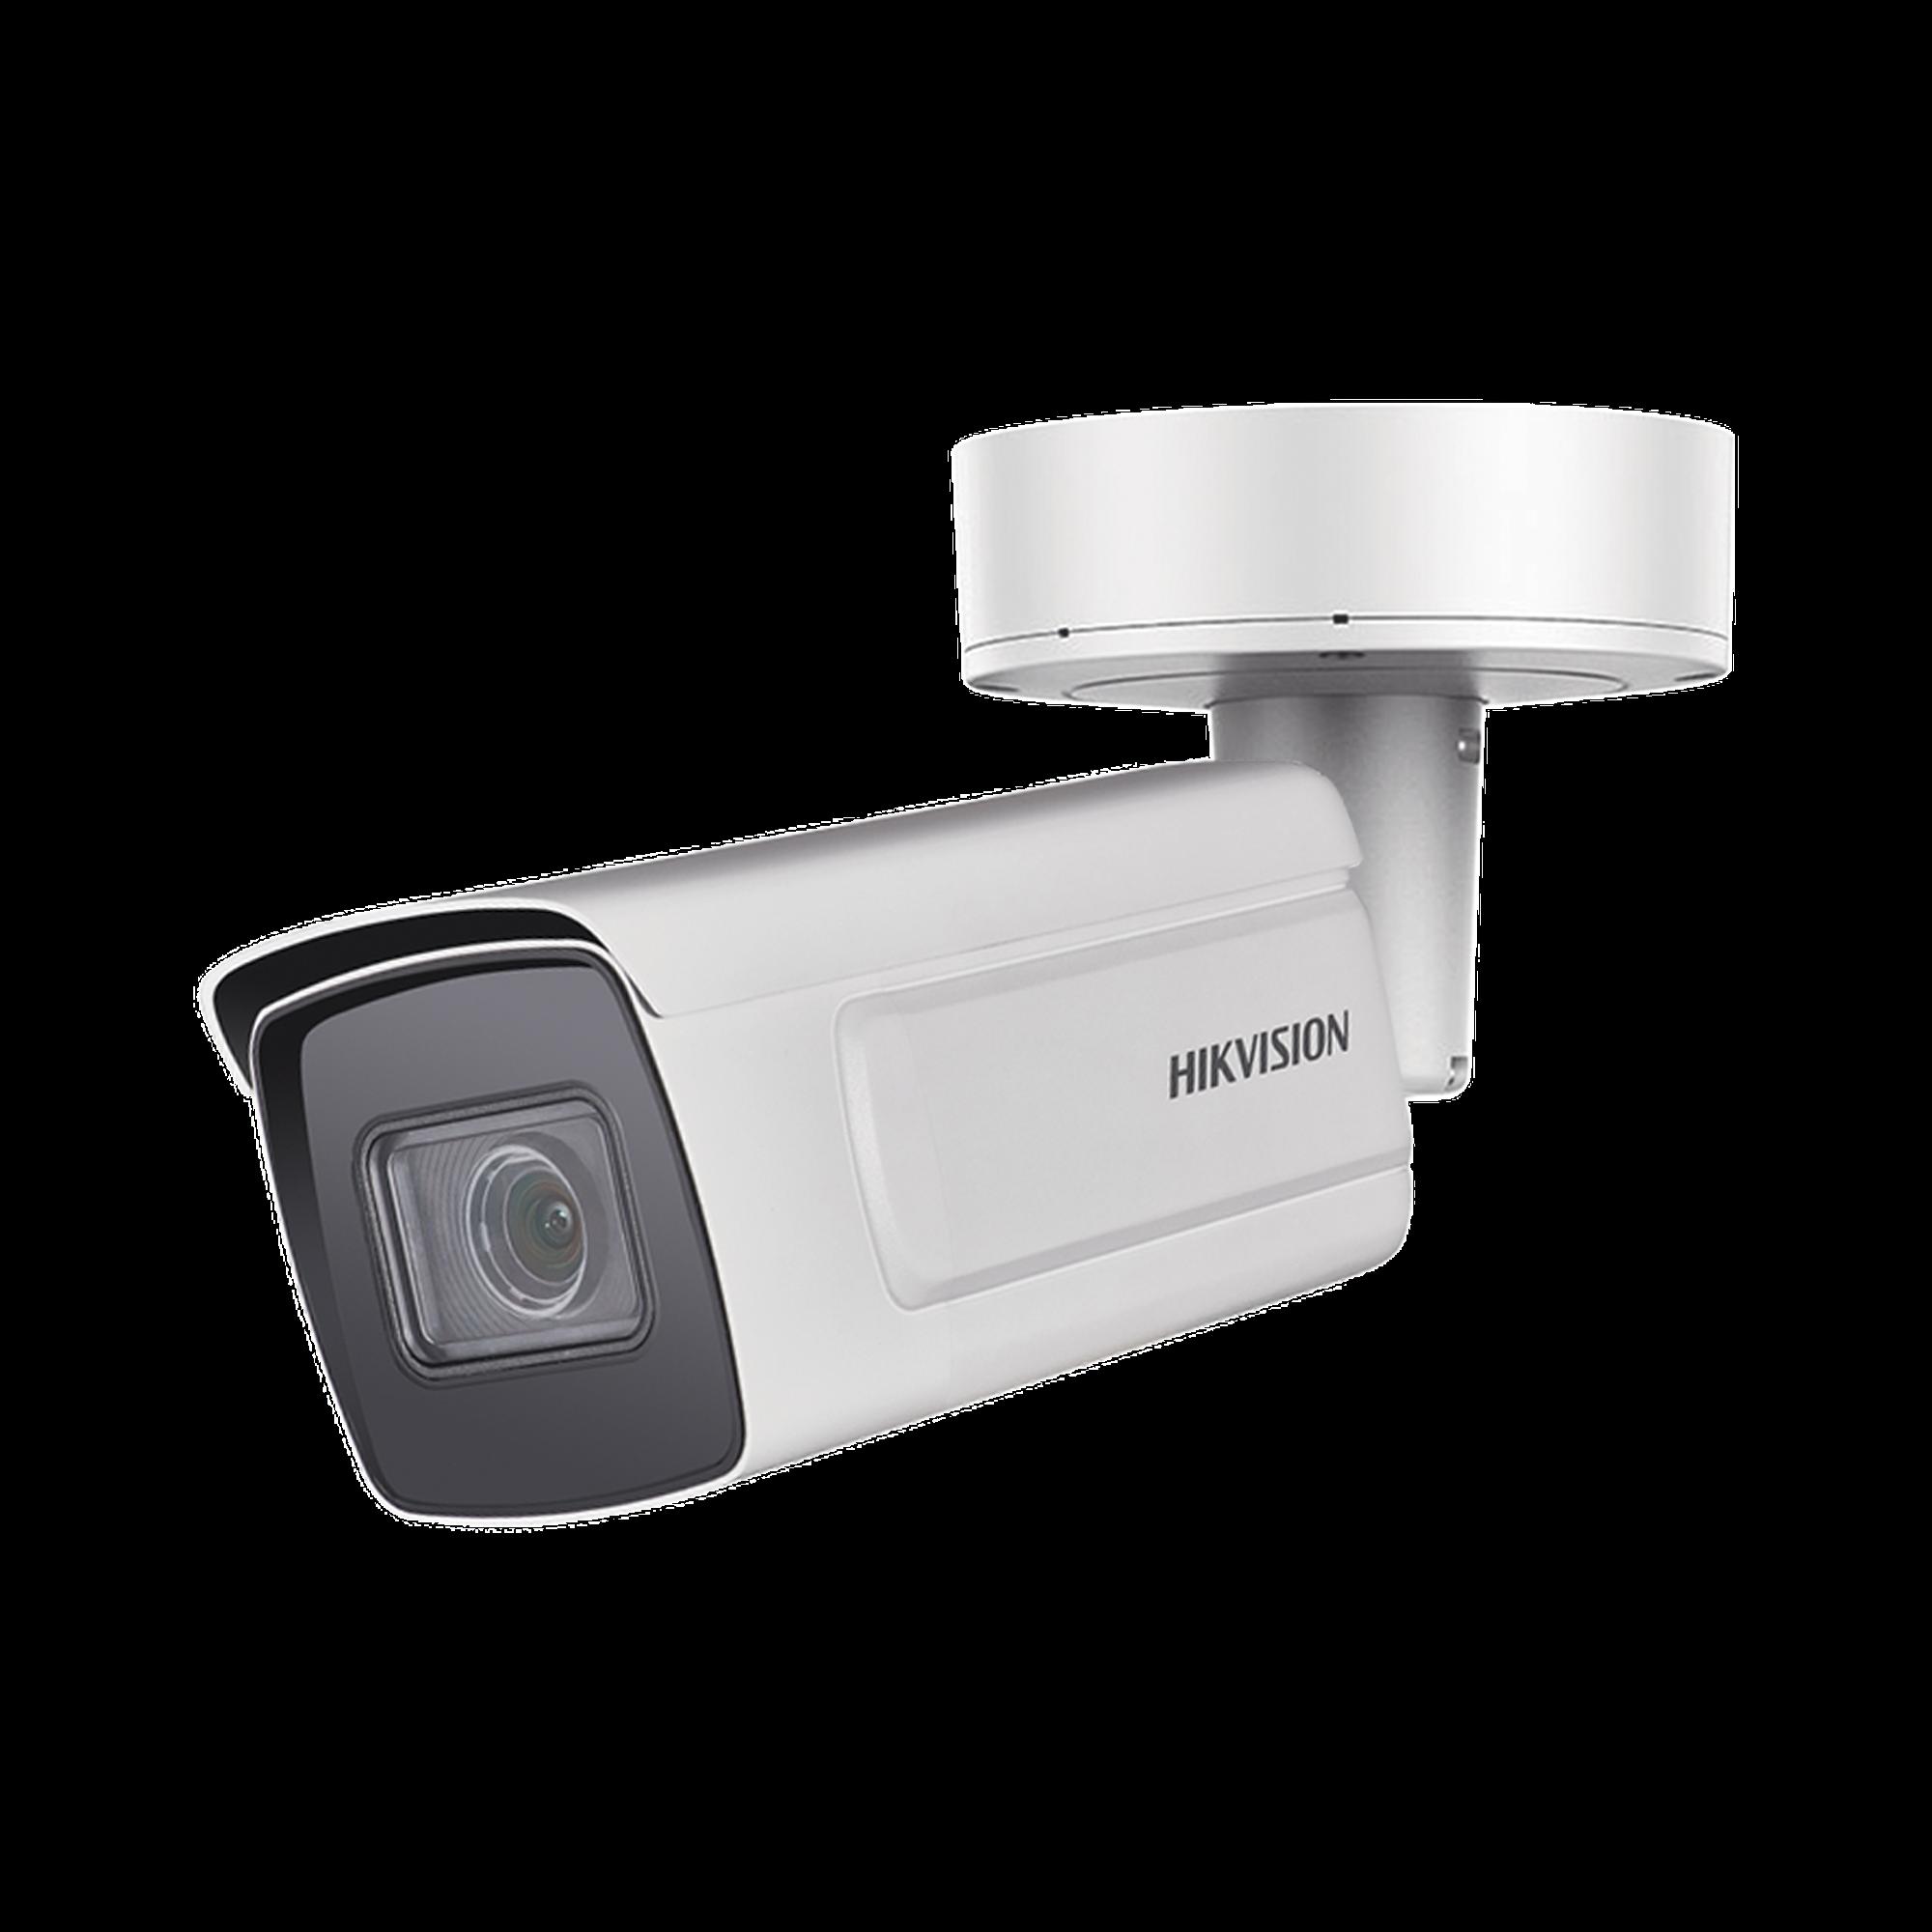 Bala IP 2 Megapixel / Lente Mot. 2.8 a 12 mm / Conteo de Personas / WDR 140 dB / DARKFIGHTER / IP67 / IK10 / IR 30 mts / Detección Facial